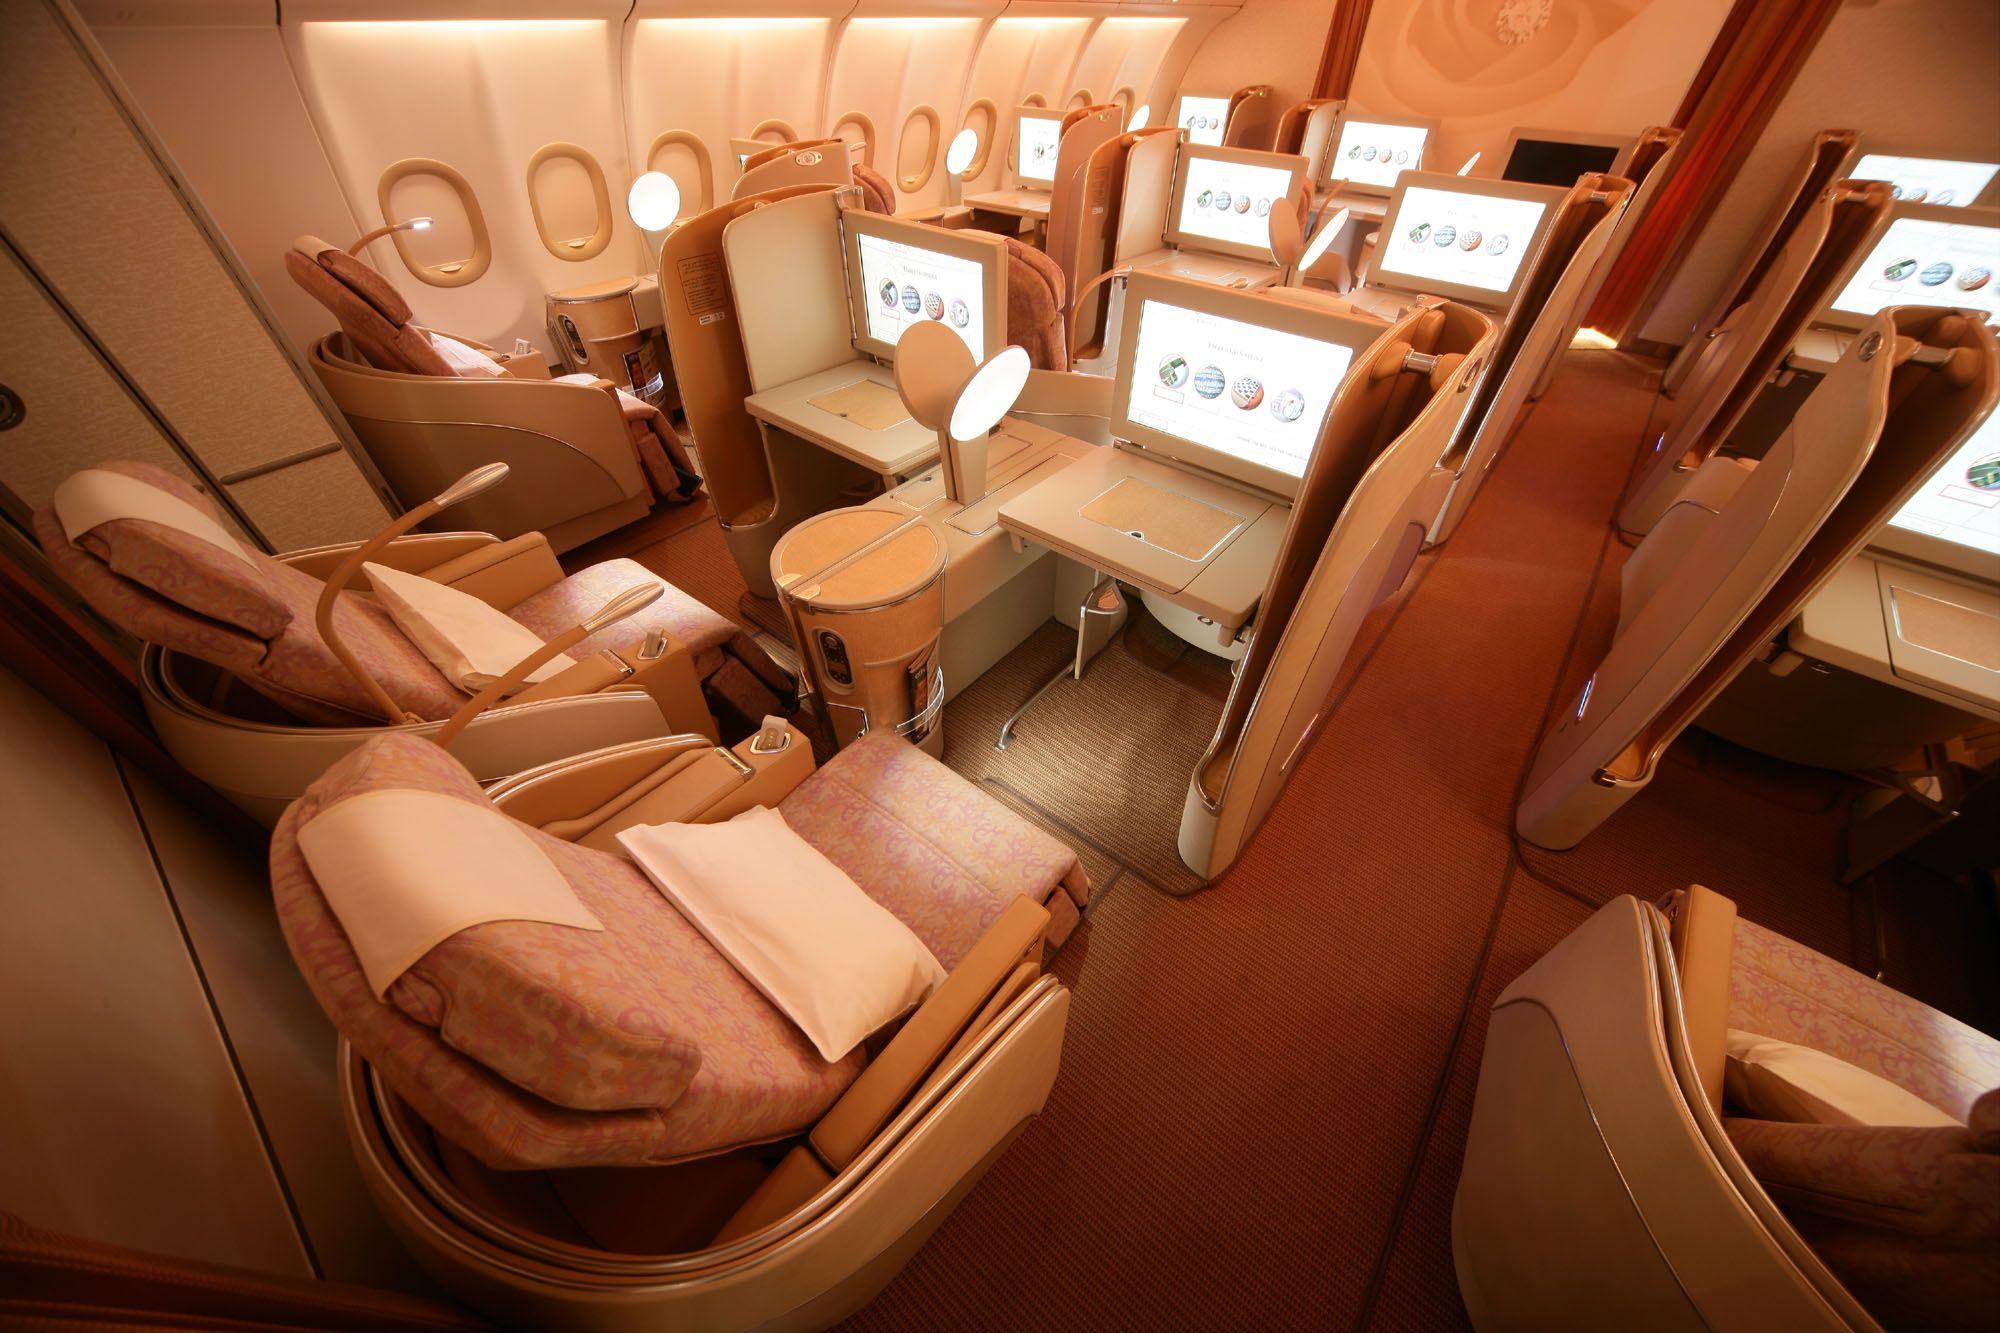 Mint Fares On Twitter First Class Airline Business Class Flight Flying First Class